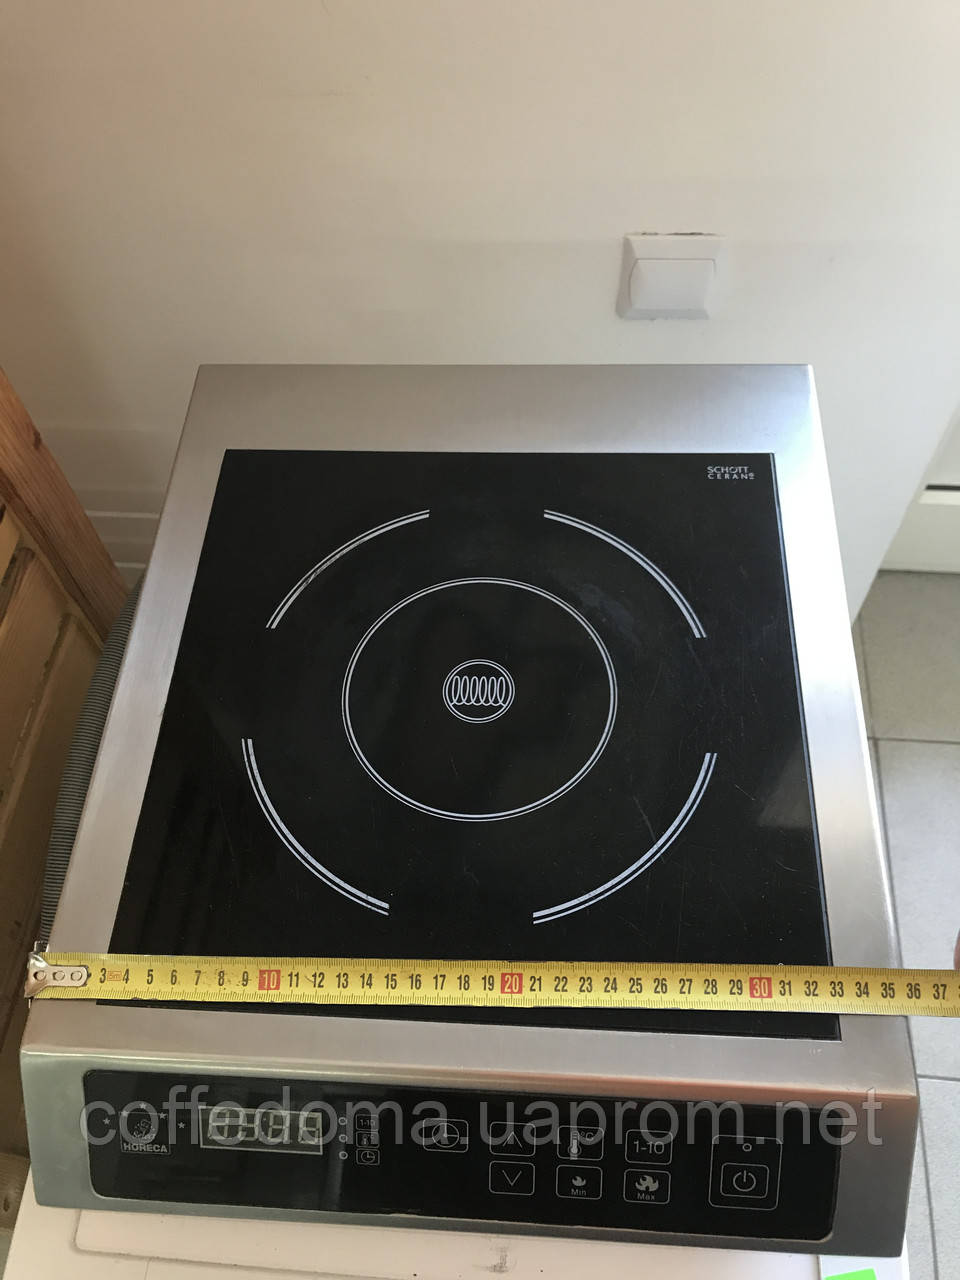 Индукционная плита CASO GIC 3500 из Германии, профессиональная плита